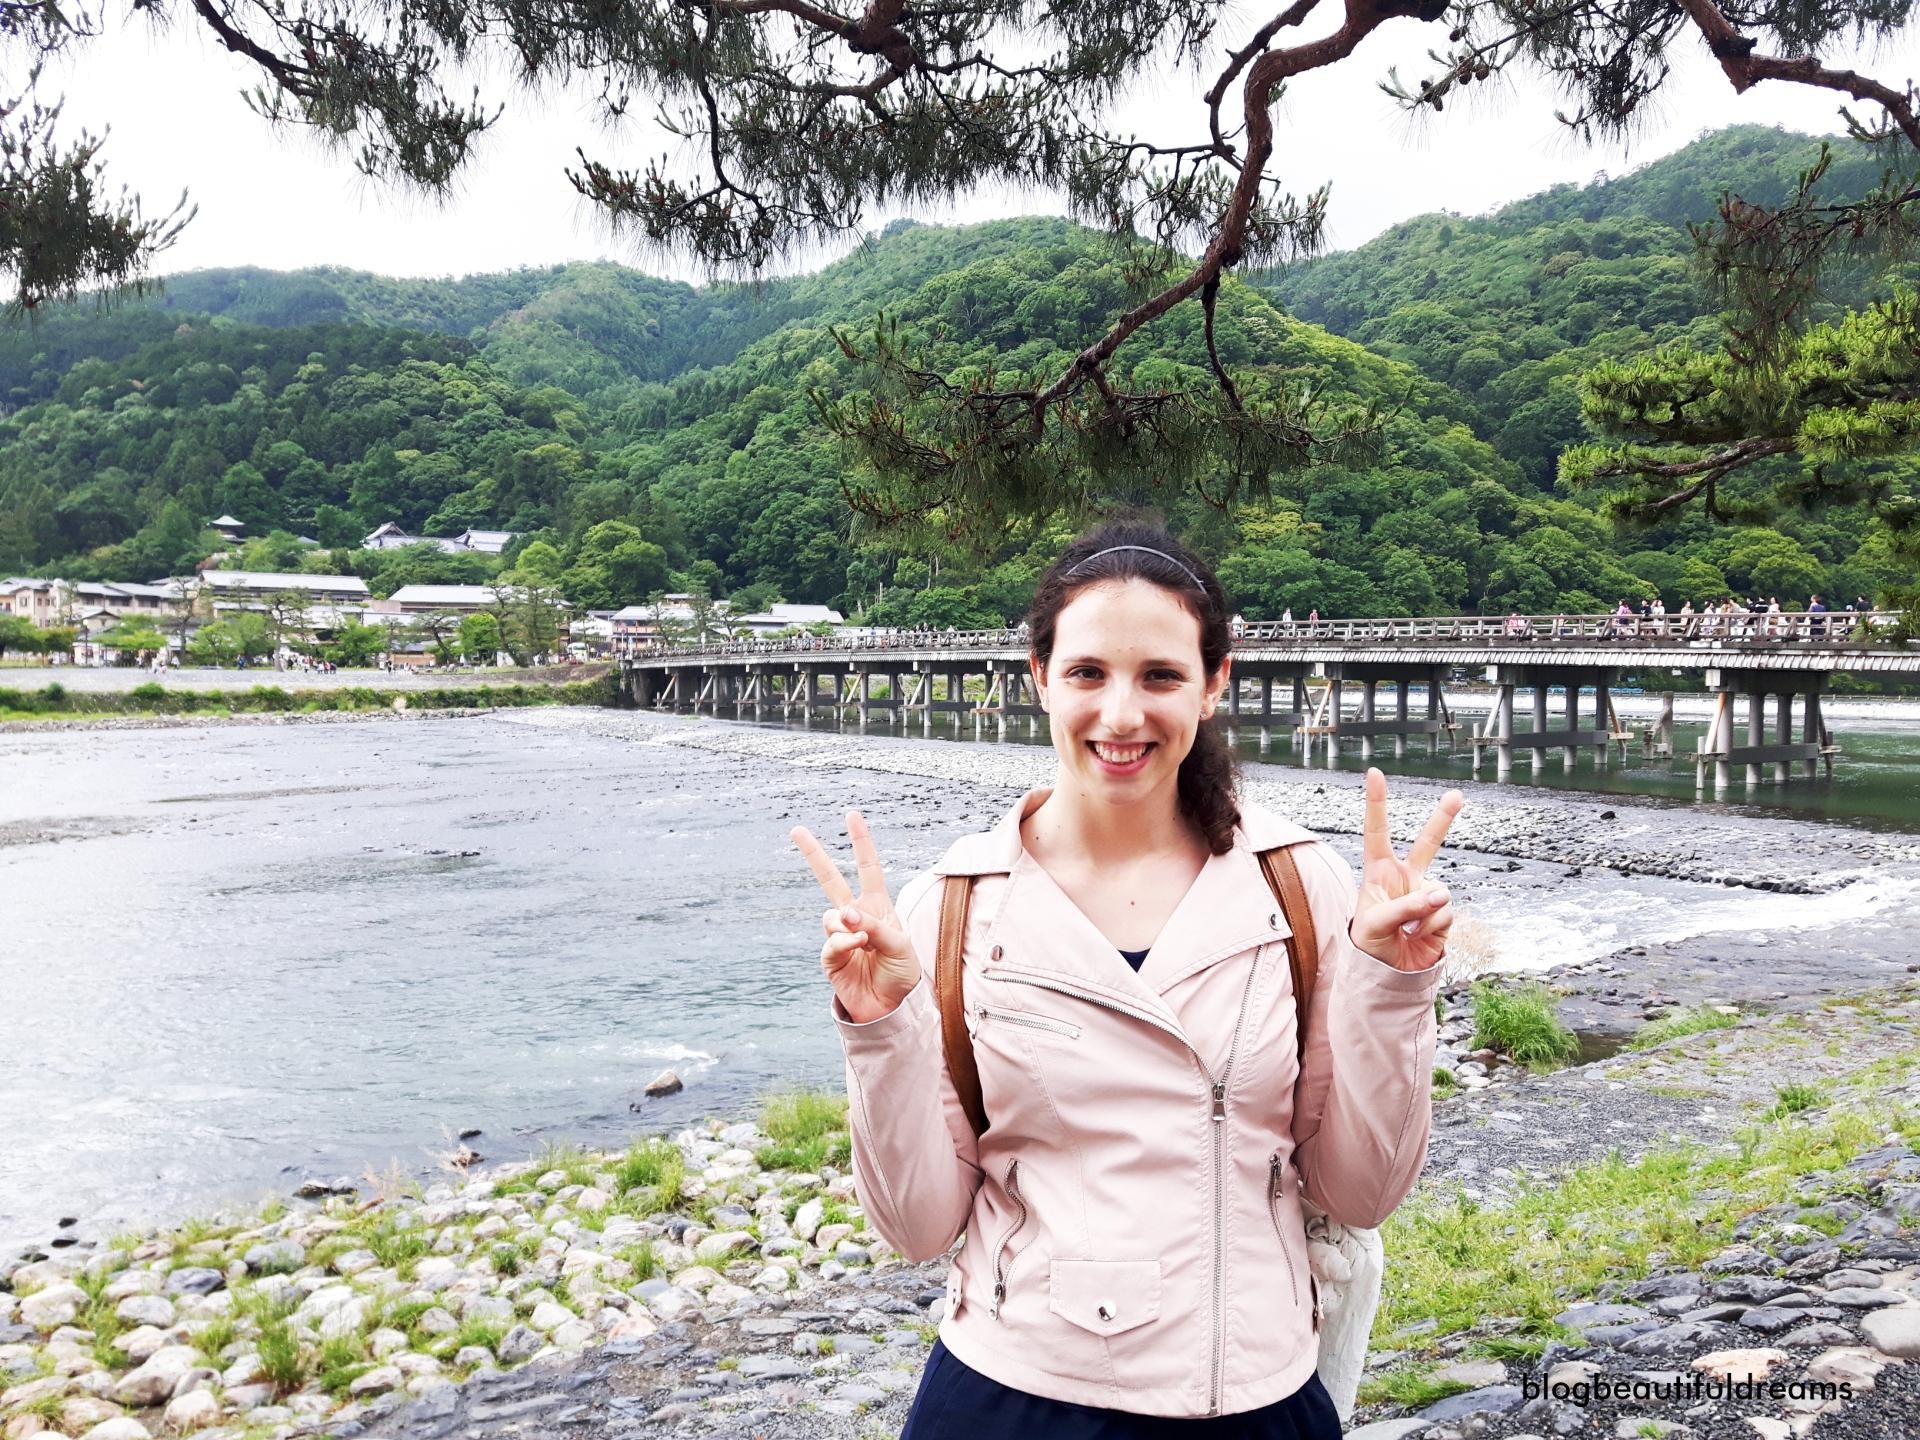 Quioto Japao_Blogbeautifuldreams (9)